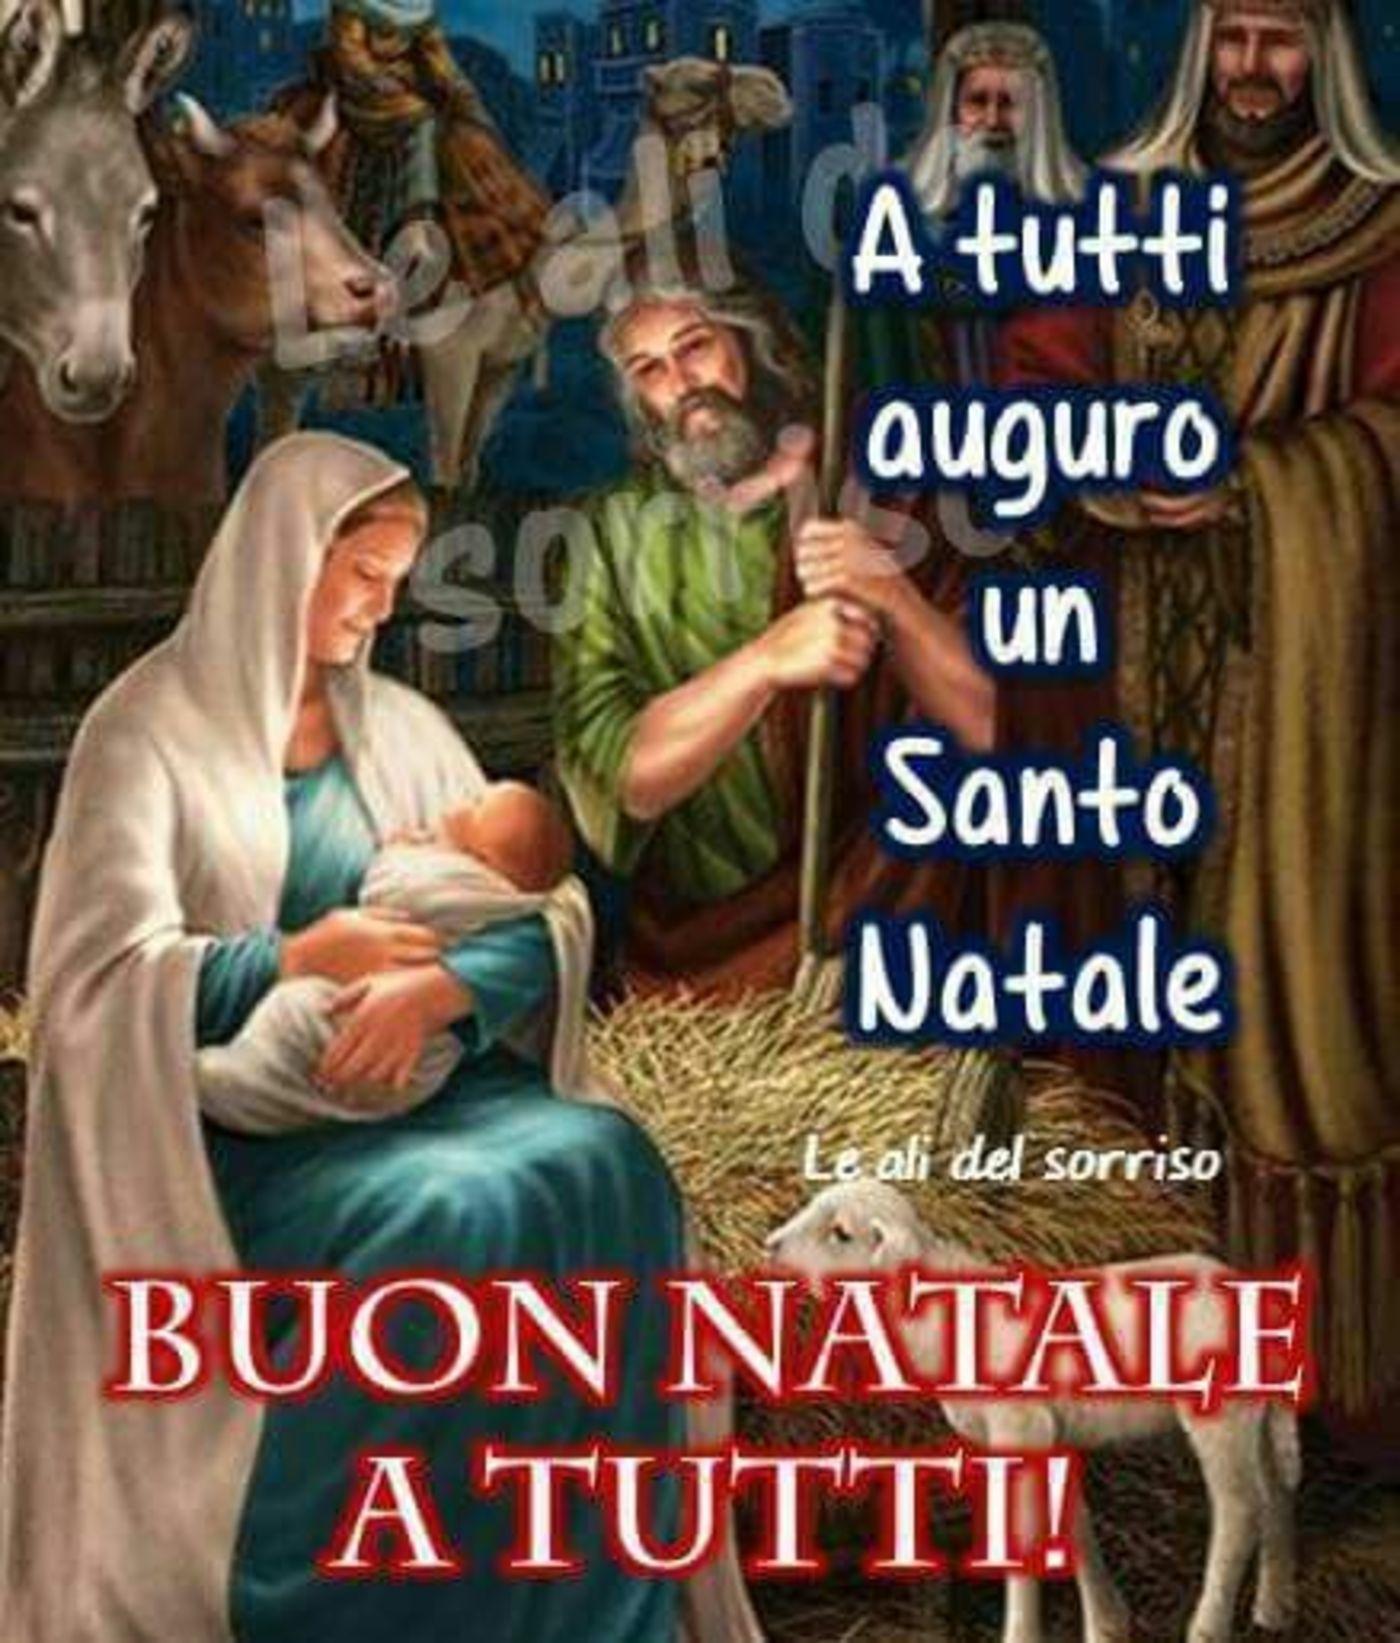 Auguri Di Natale Immagini Religiose.Buon Natale A Tutti Immagini Religiose Auguri Di Buon